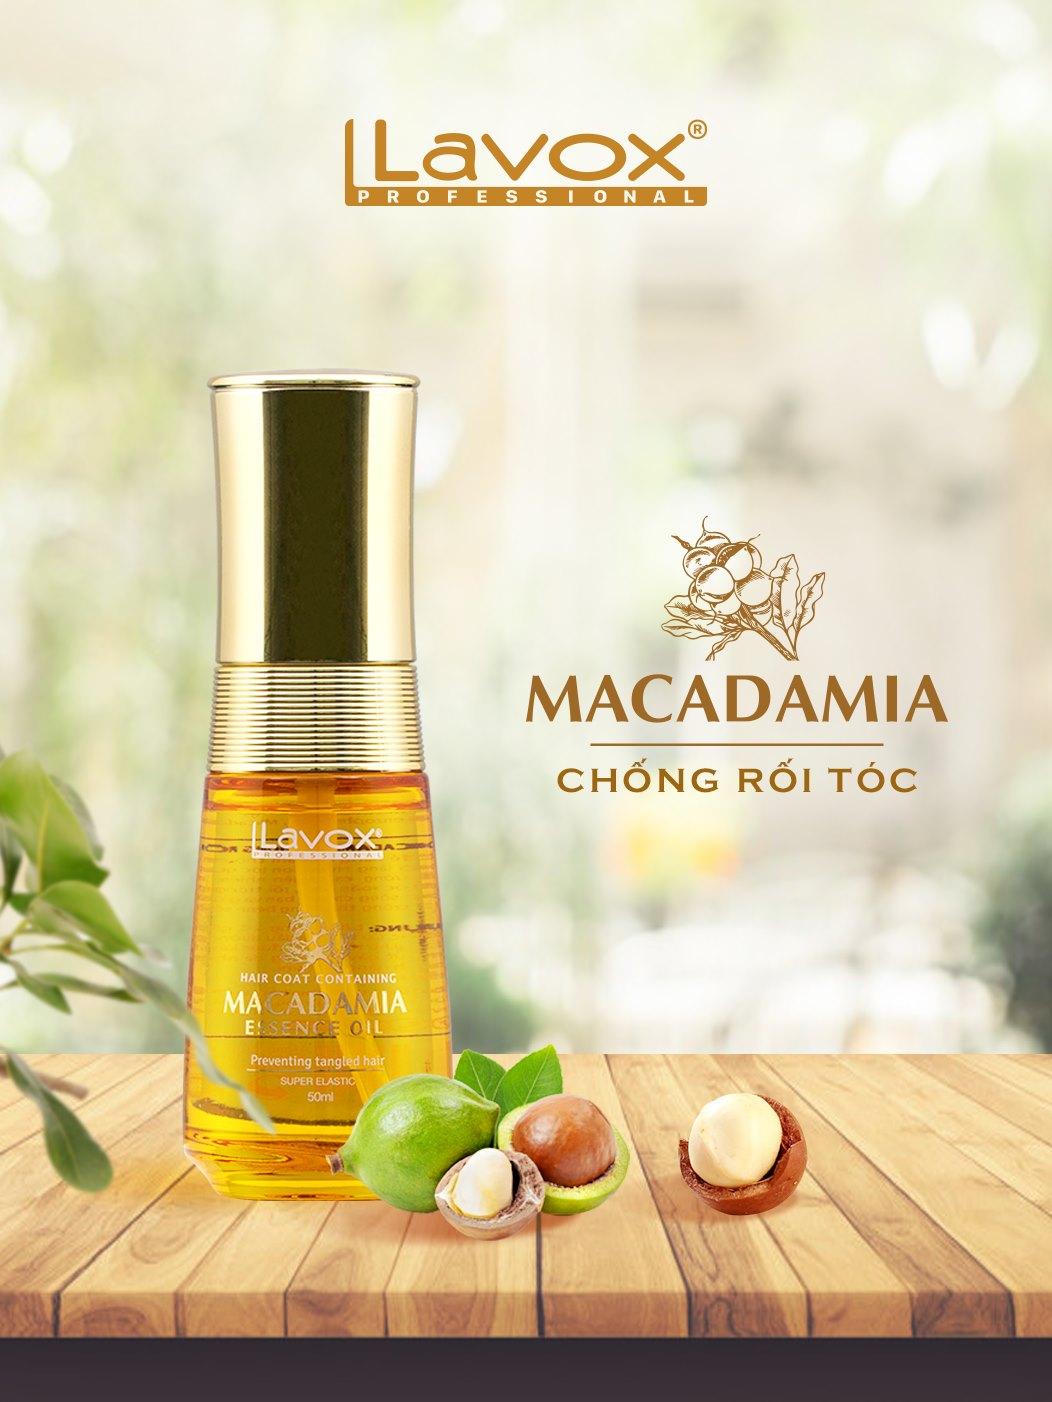 Tinh dầu Macadamia gỡ rối tóc hiệu quả sau một lần sử dụng